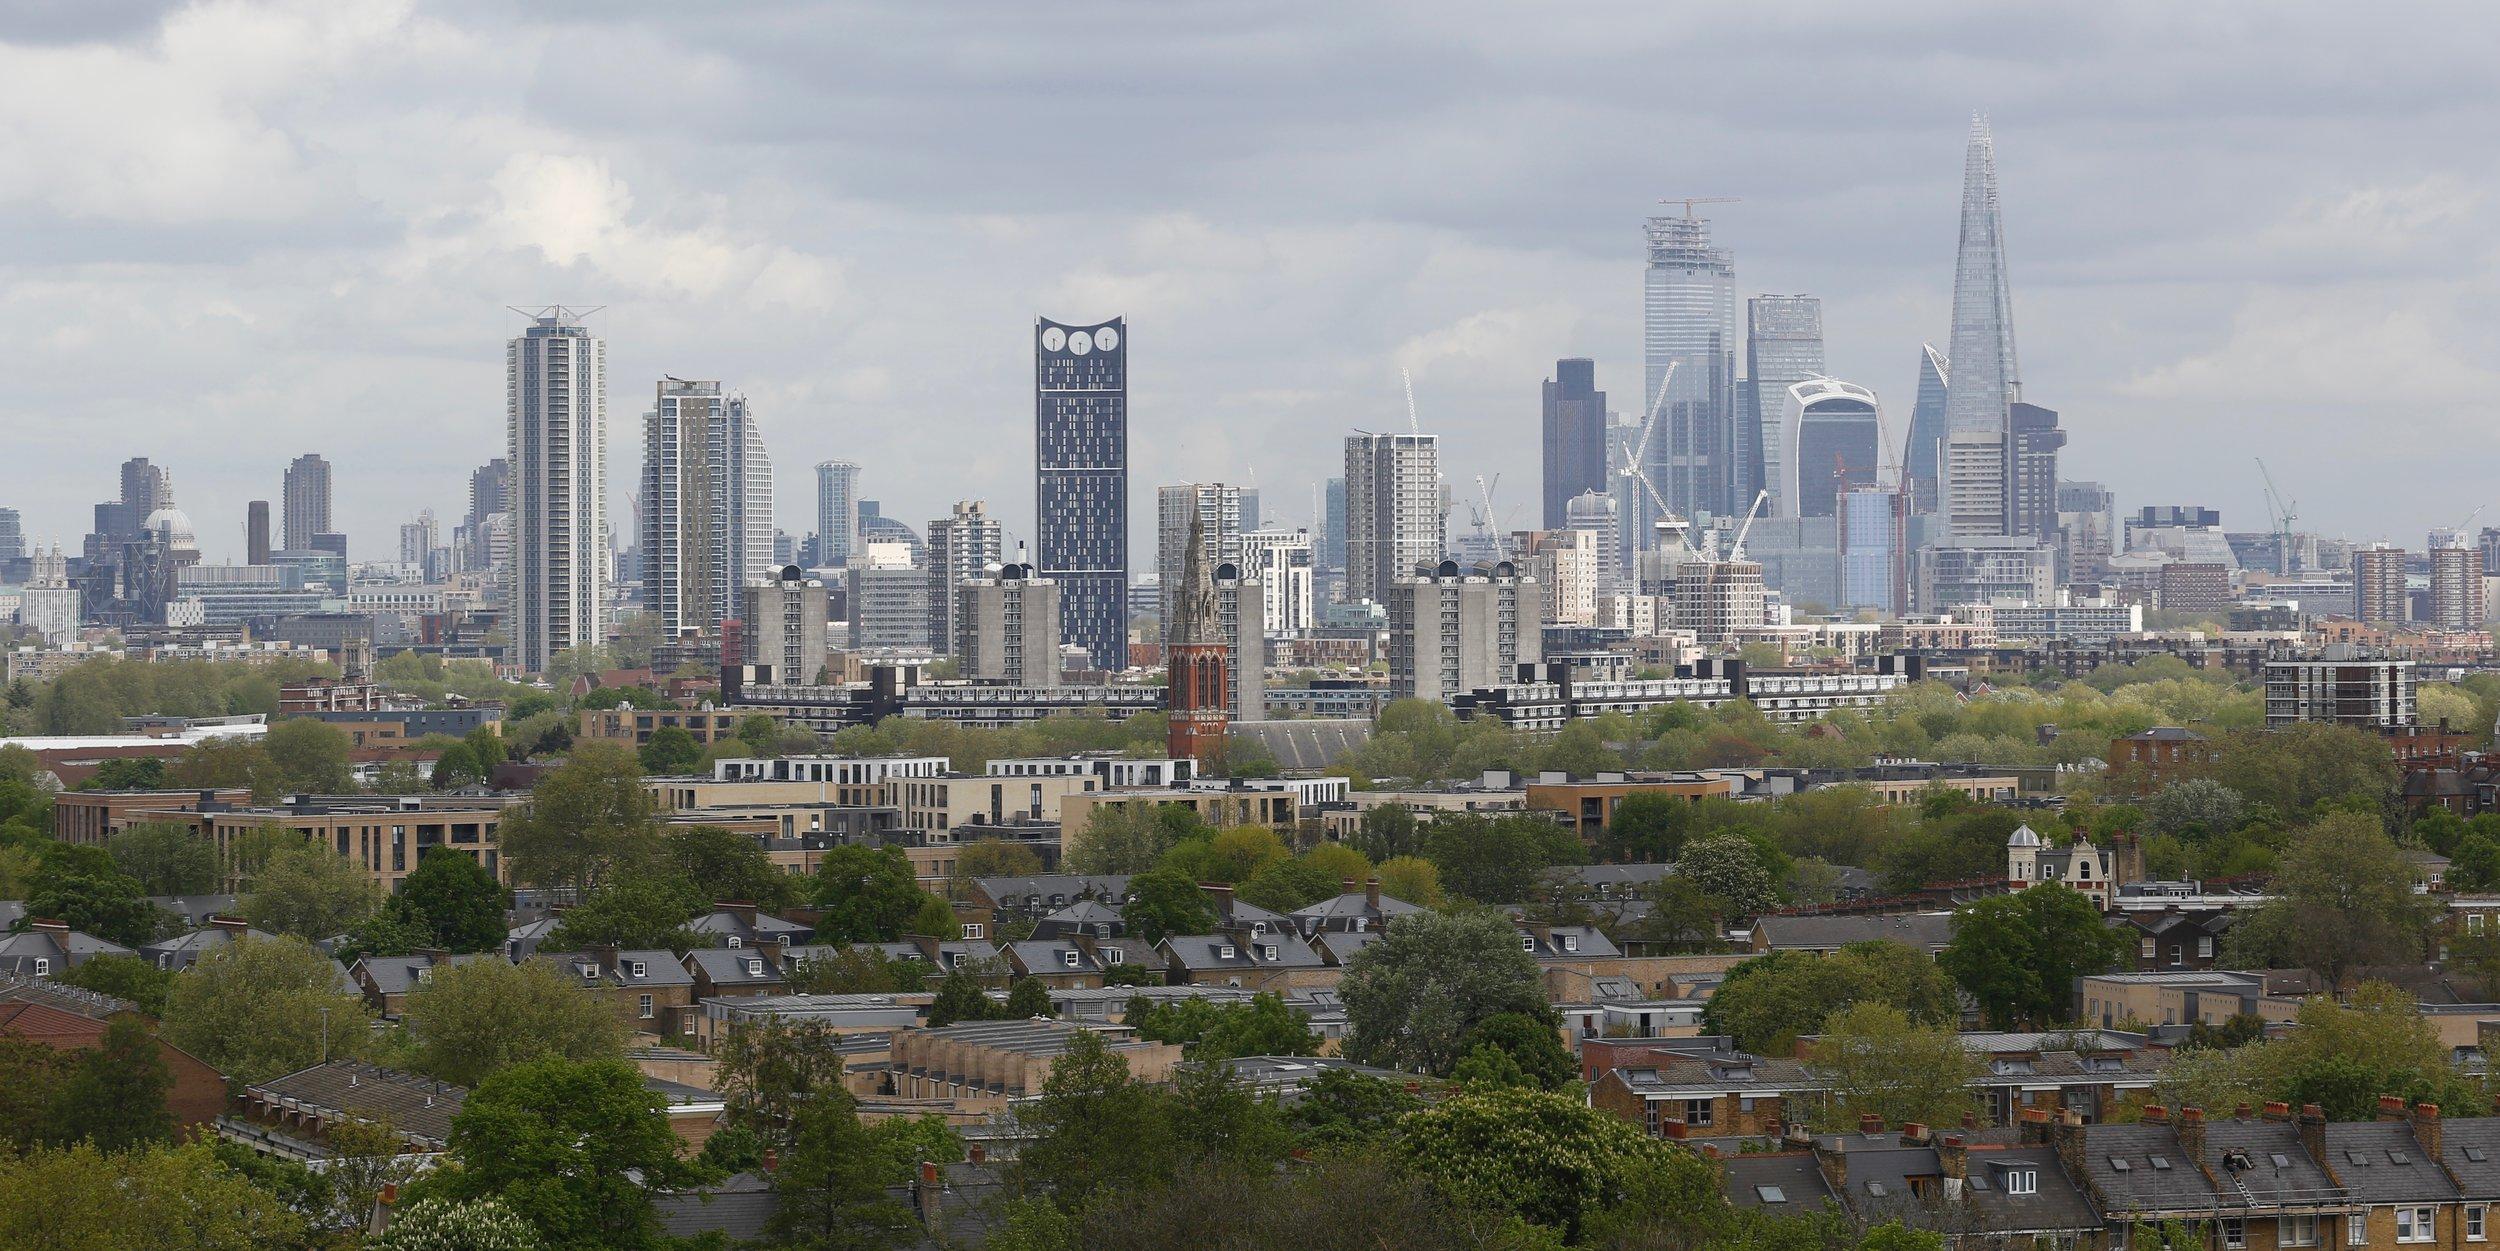 _Building rooftop view.jpg